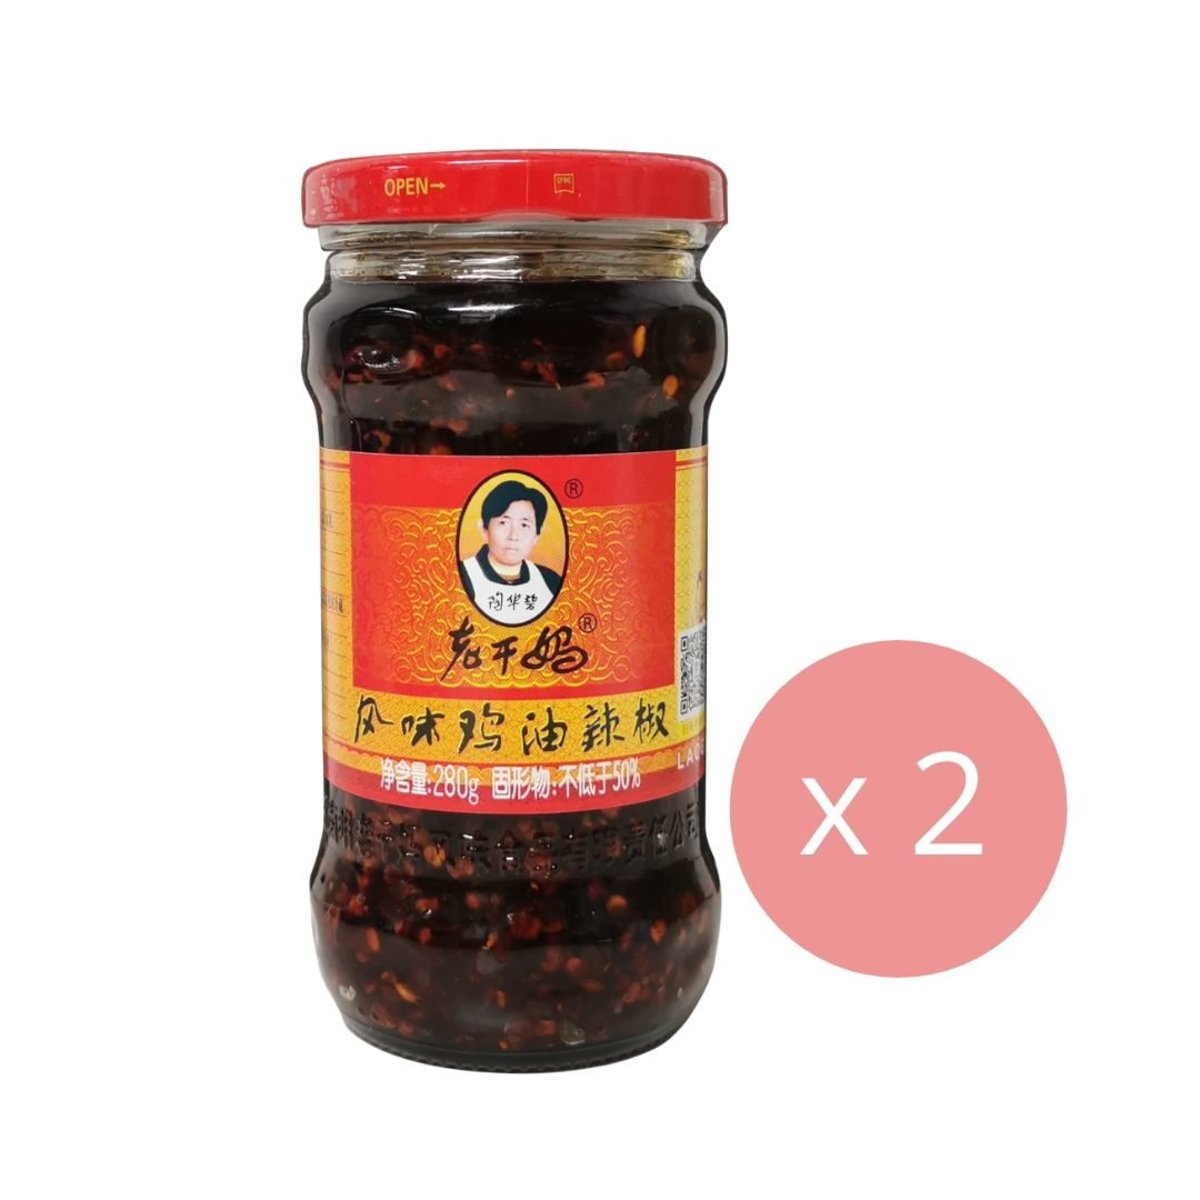 Chicken Chilli Oil (2 bottles pack)